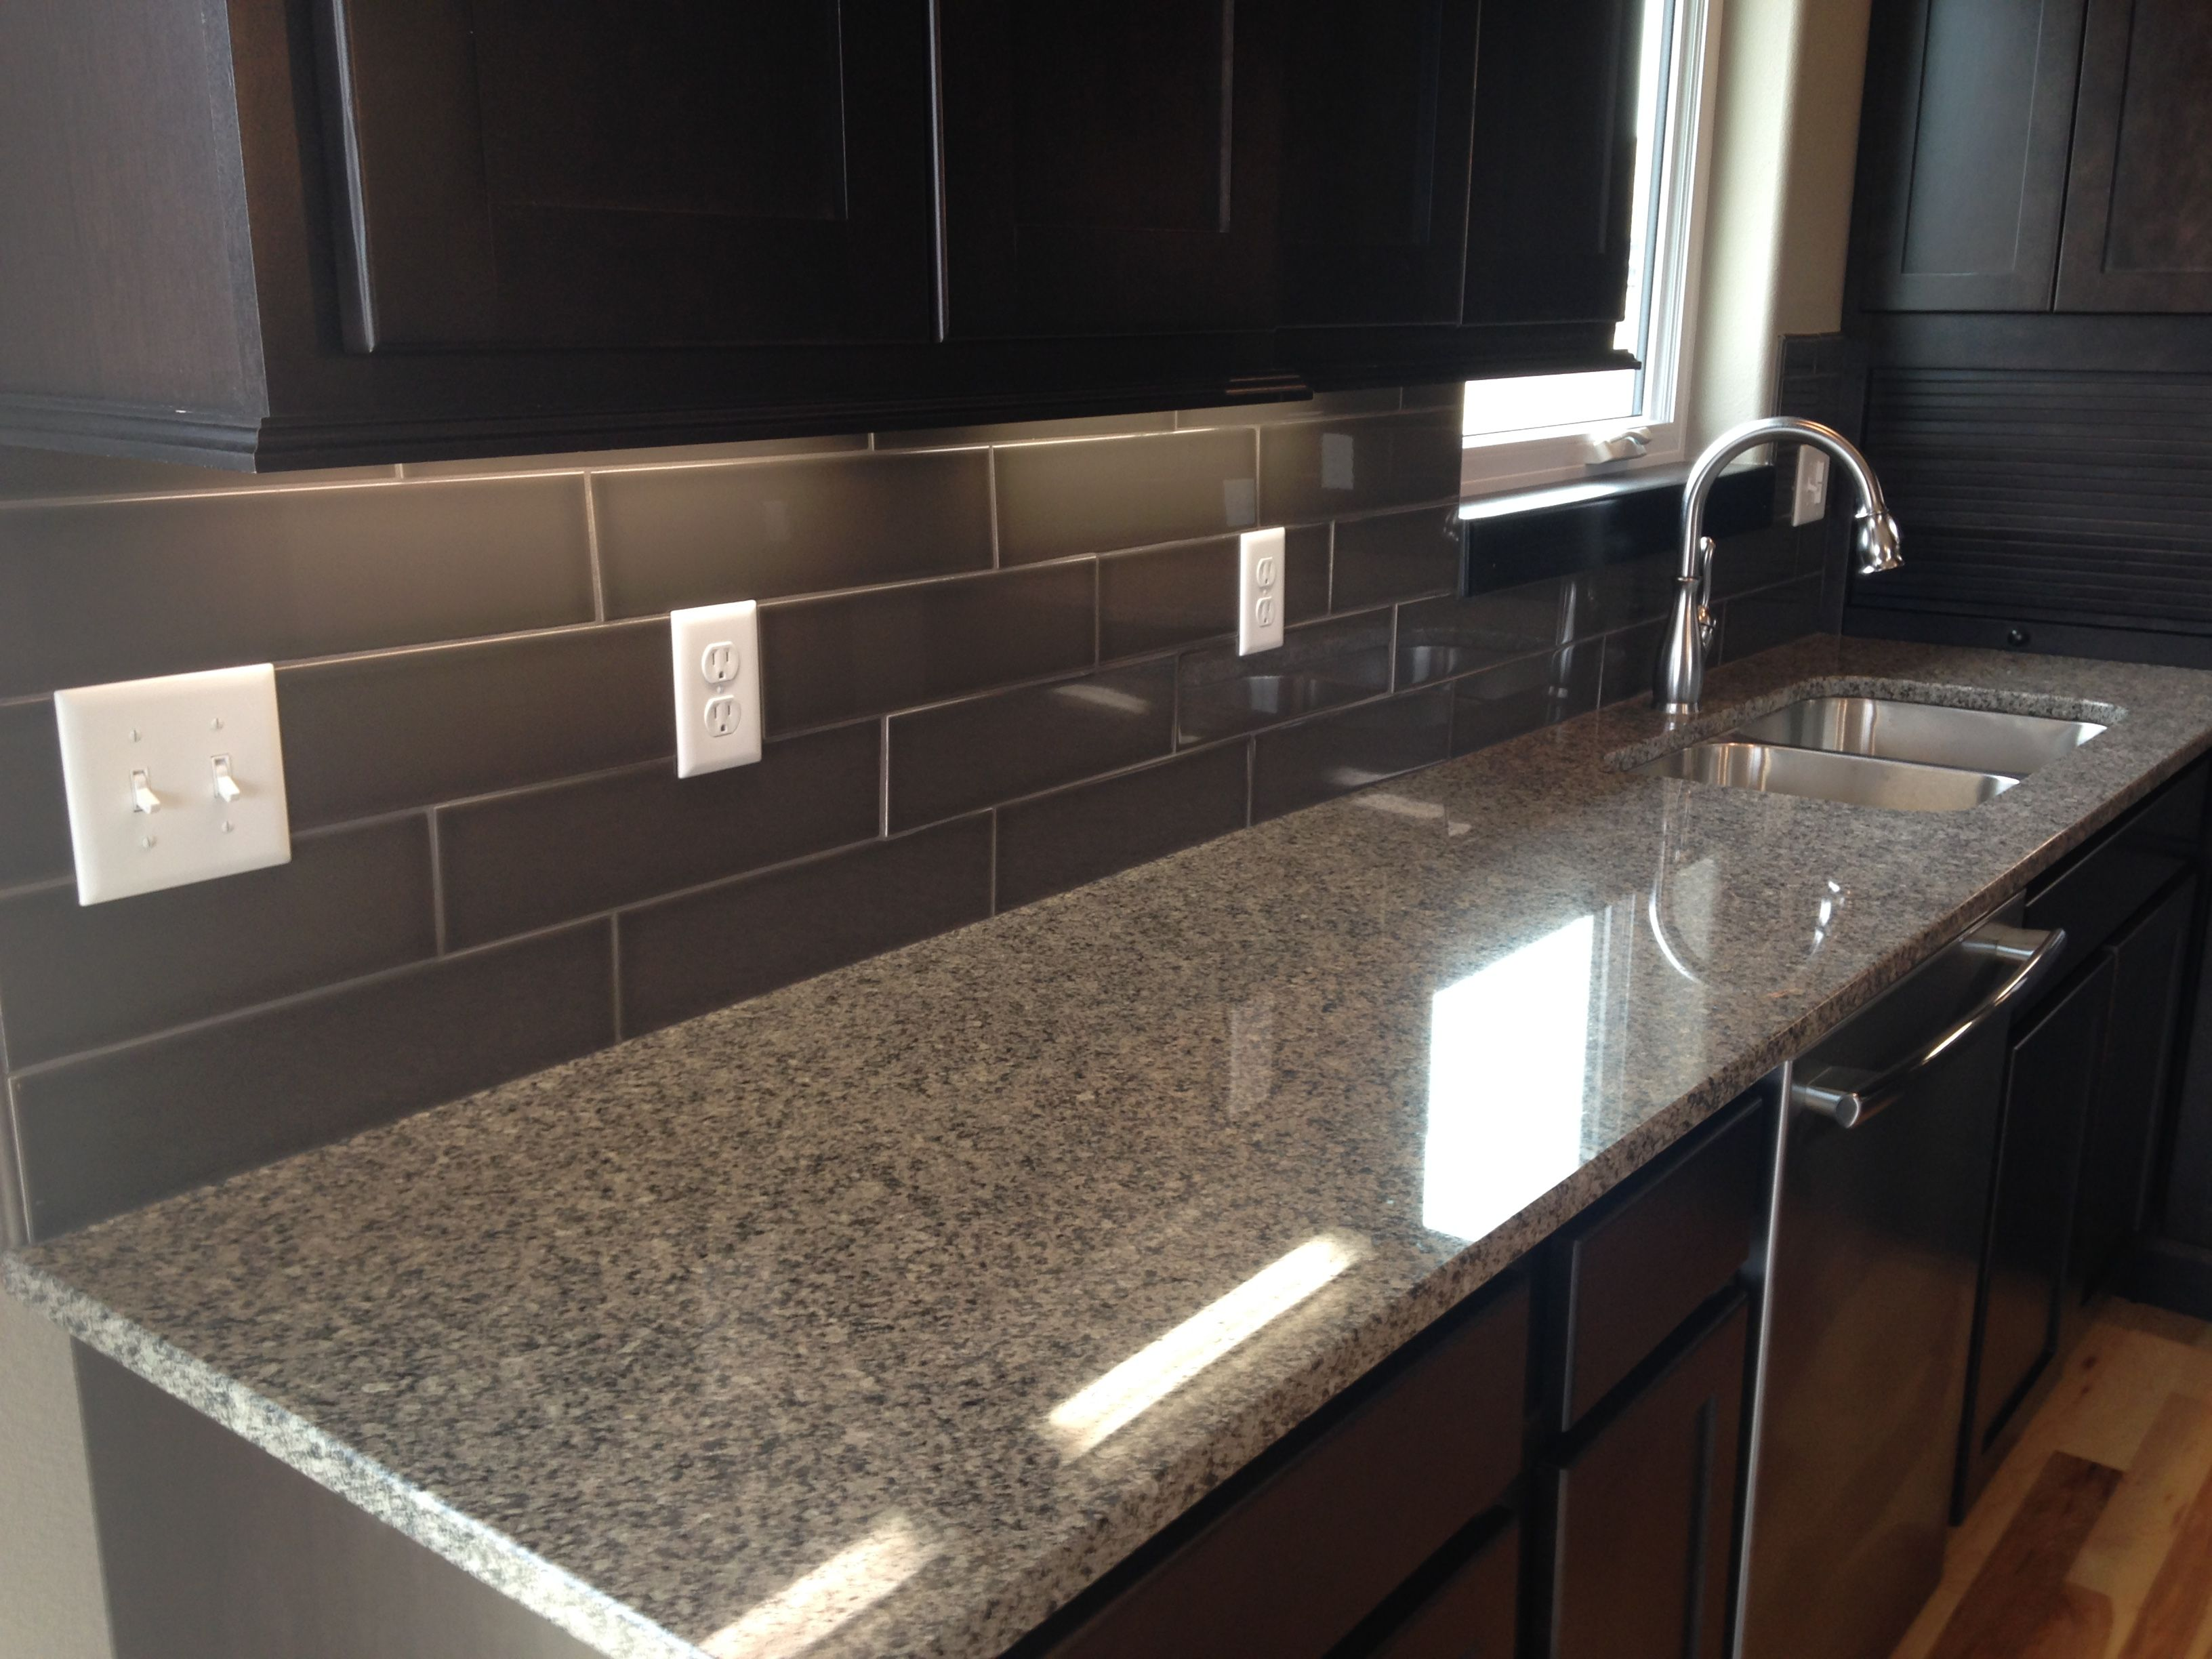 Kitchen backsplash in a 4x16 dark subway style tile ...